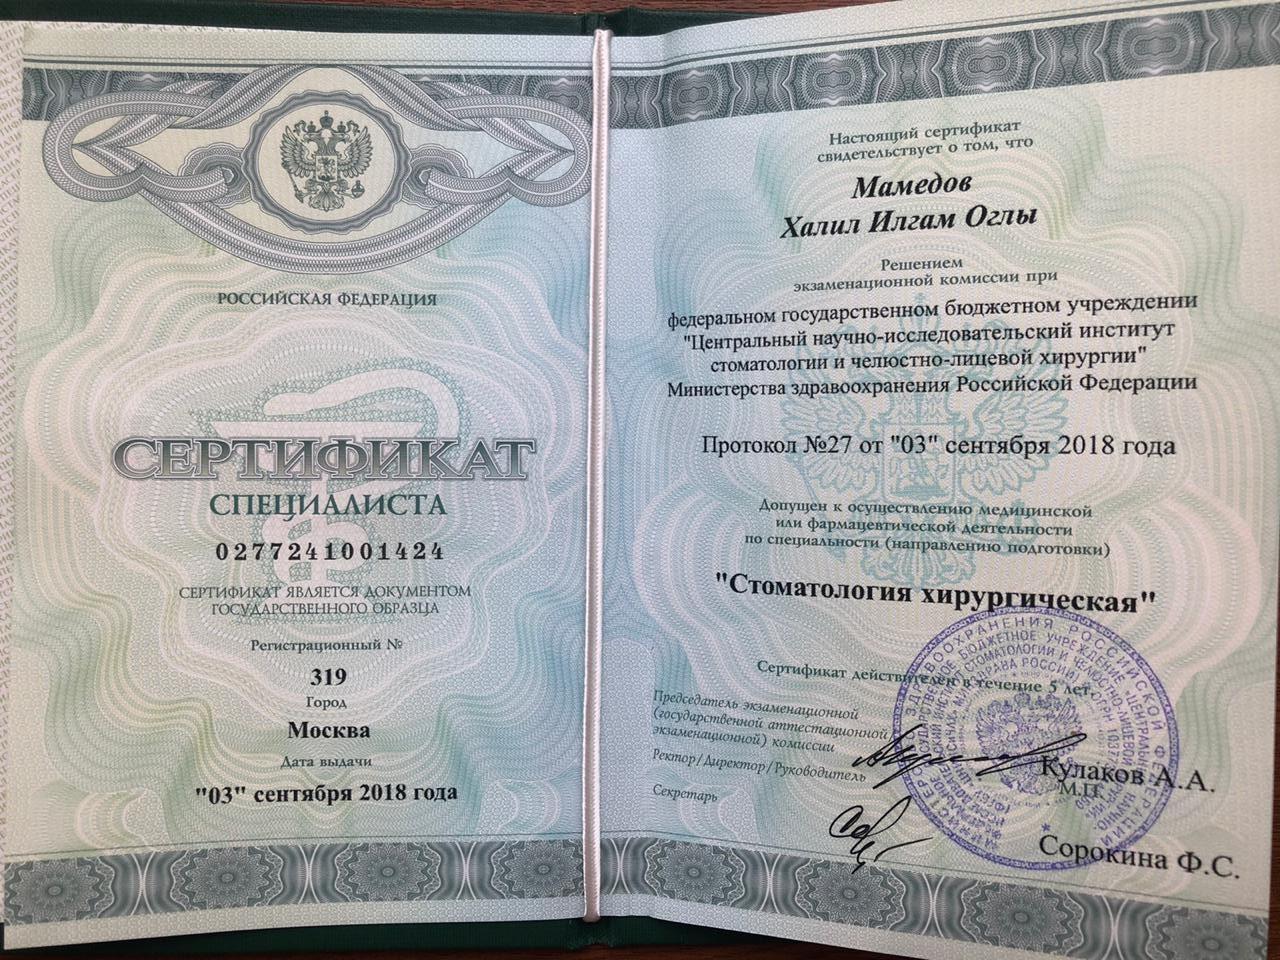 2018г. Сертификат